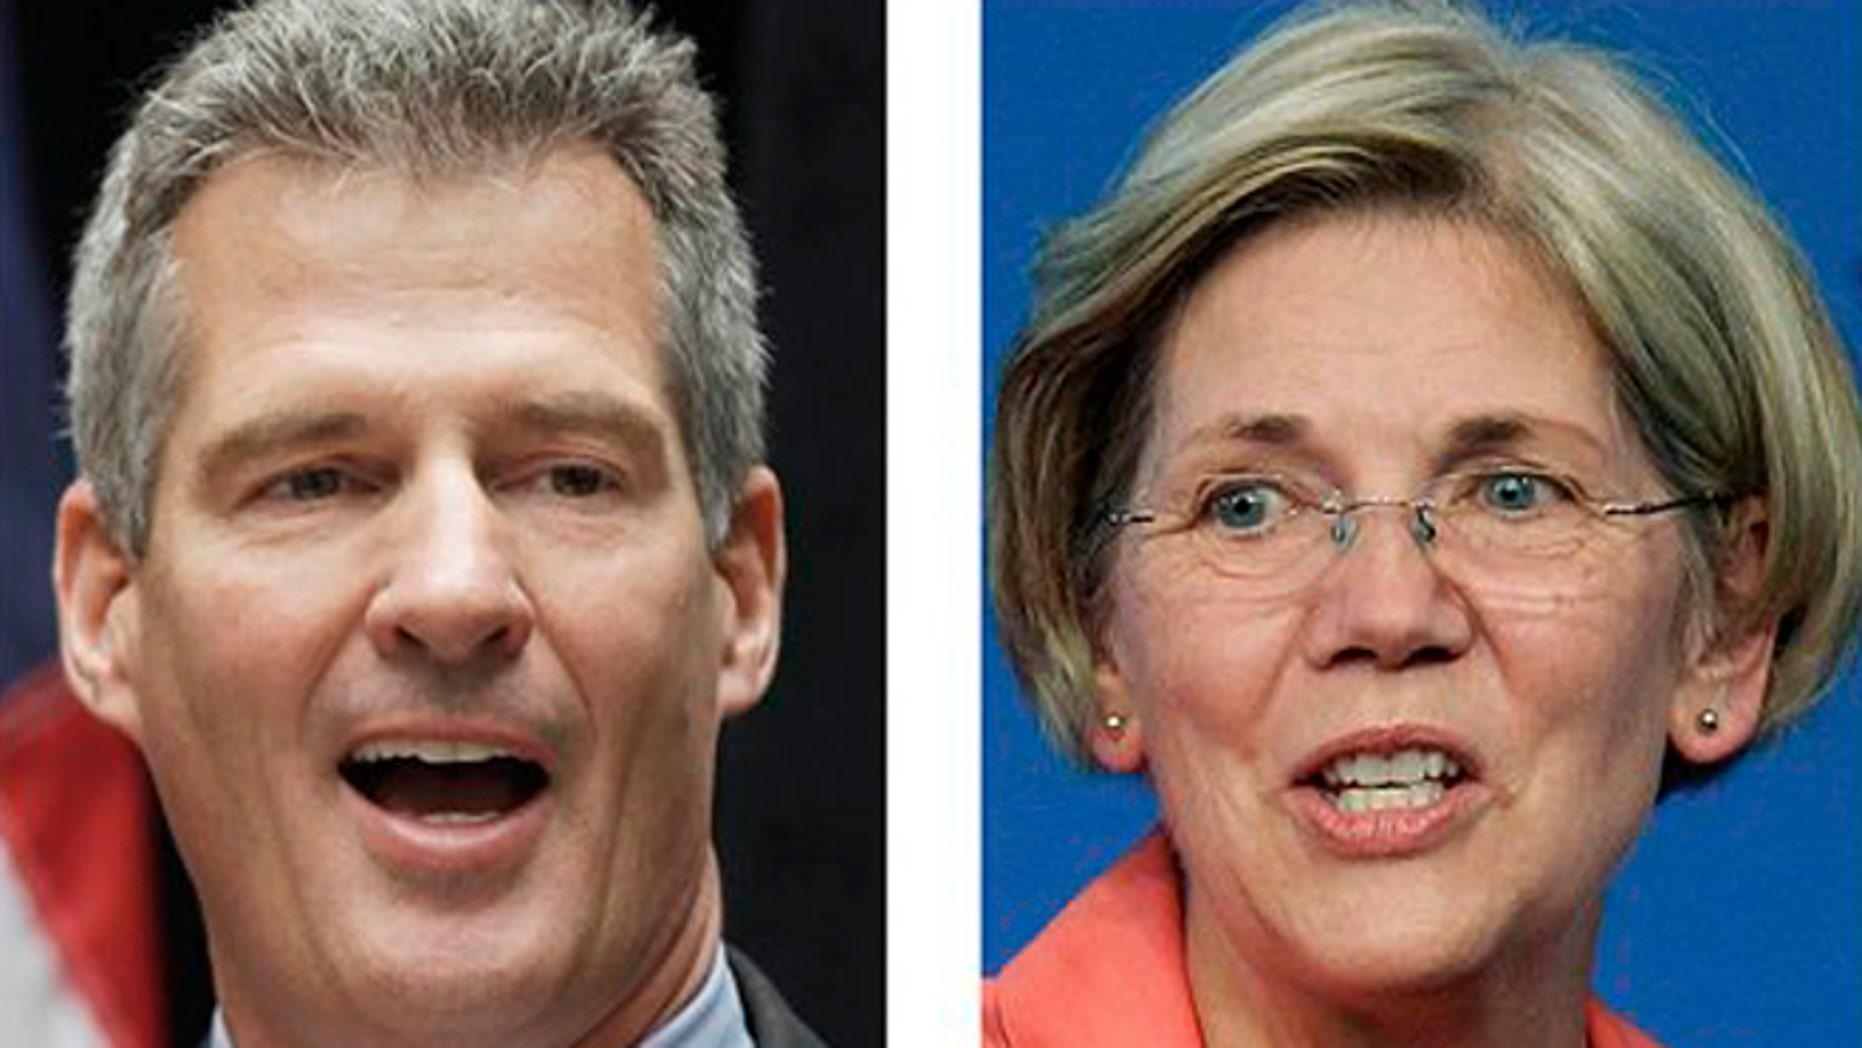 FILE: 2012: Incumbent U.S. Sen. Scott Brown, R-Mass., left, and Democratic challenger Elizabeth Warren, in Boston.